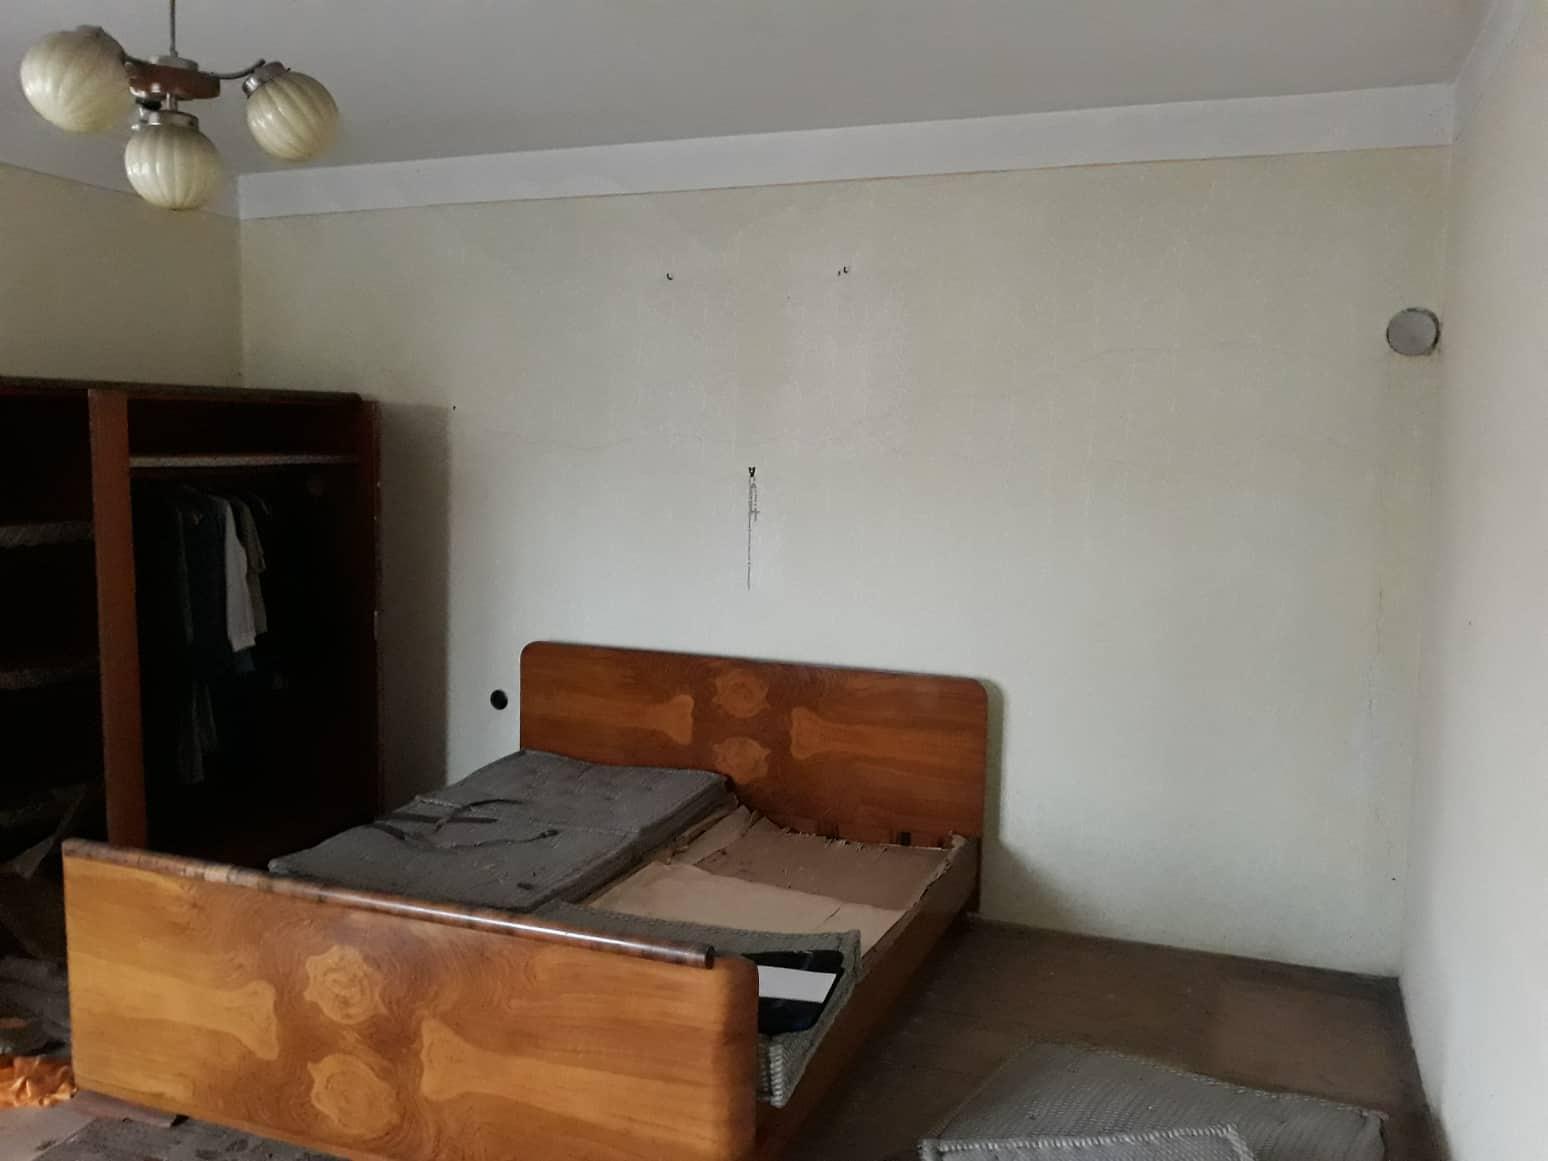 Rekonštrukcia domu-alebo chceme si splniť sen =》🏠🌻🌼🐶  mat domcek a vratit sa na Slovensko - tento nabytok pojde prec